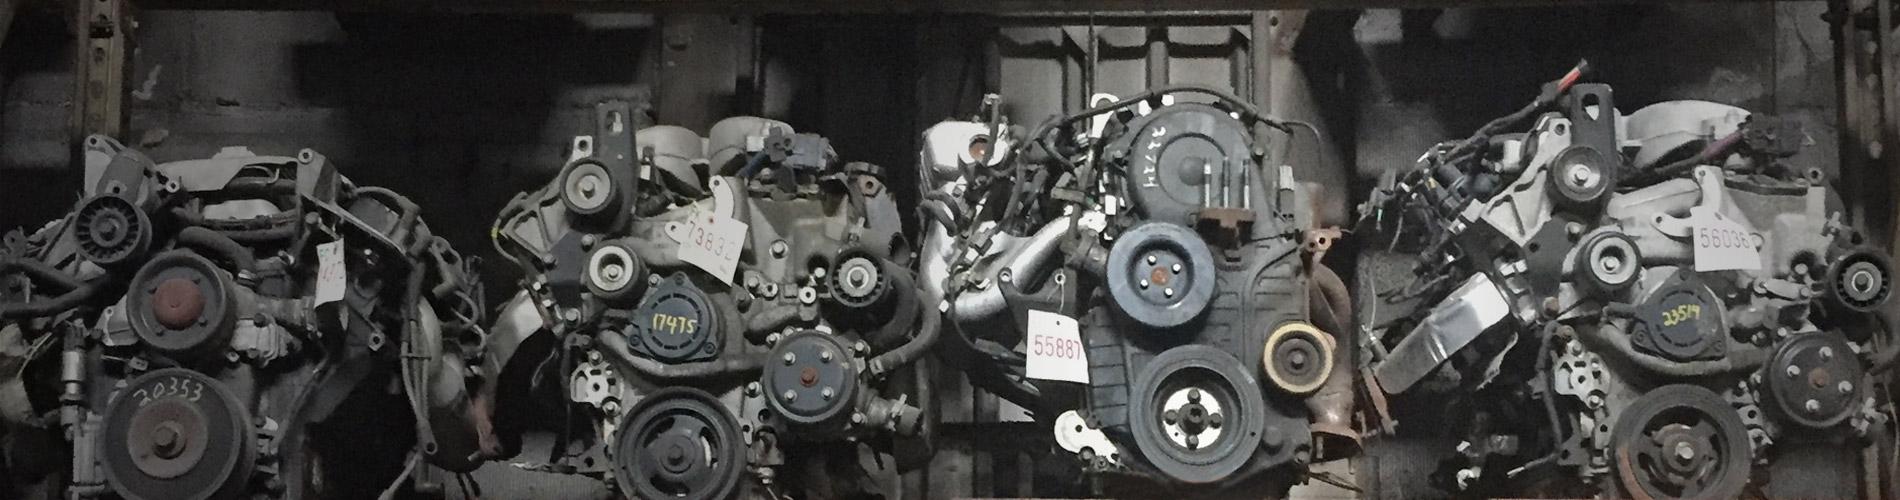 Brock Auto Parts - Home